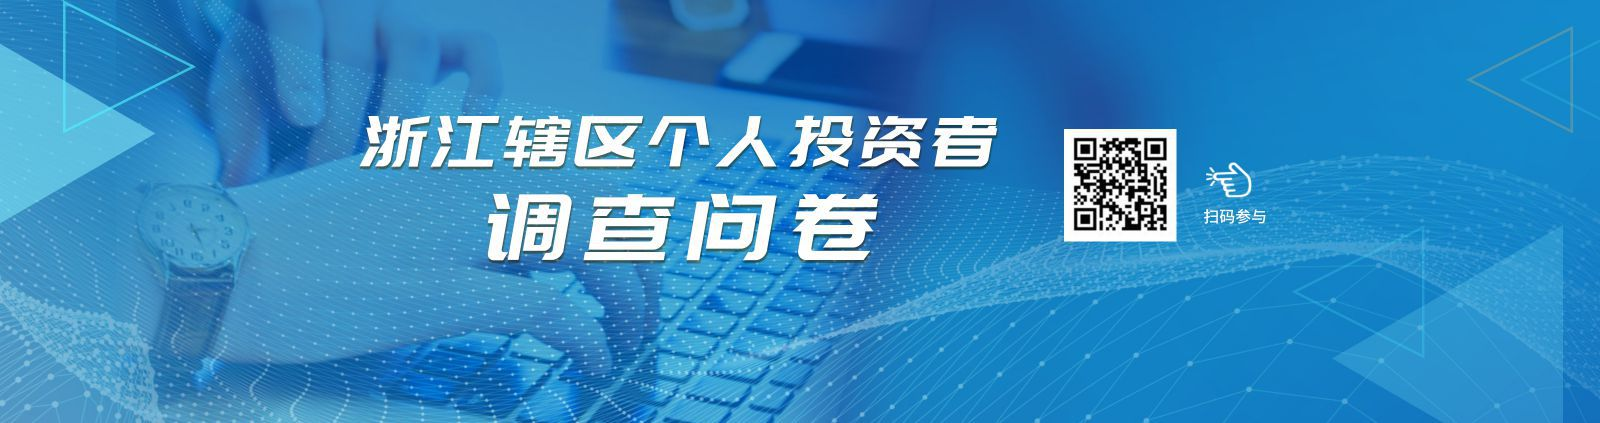 2021浙江辖区调查问卷